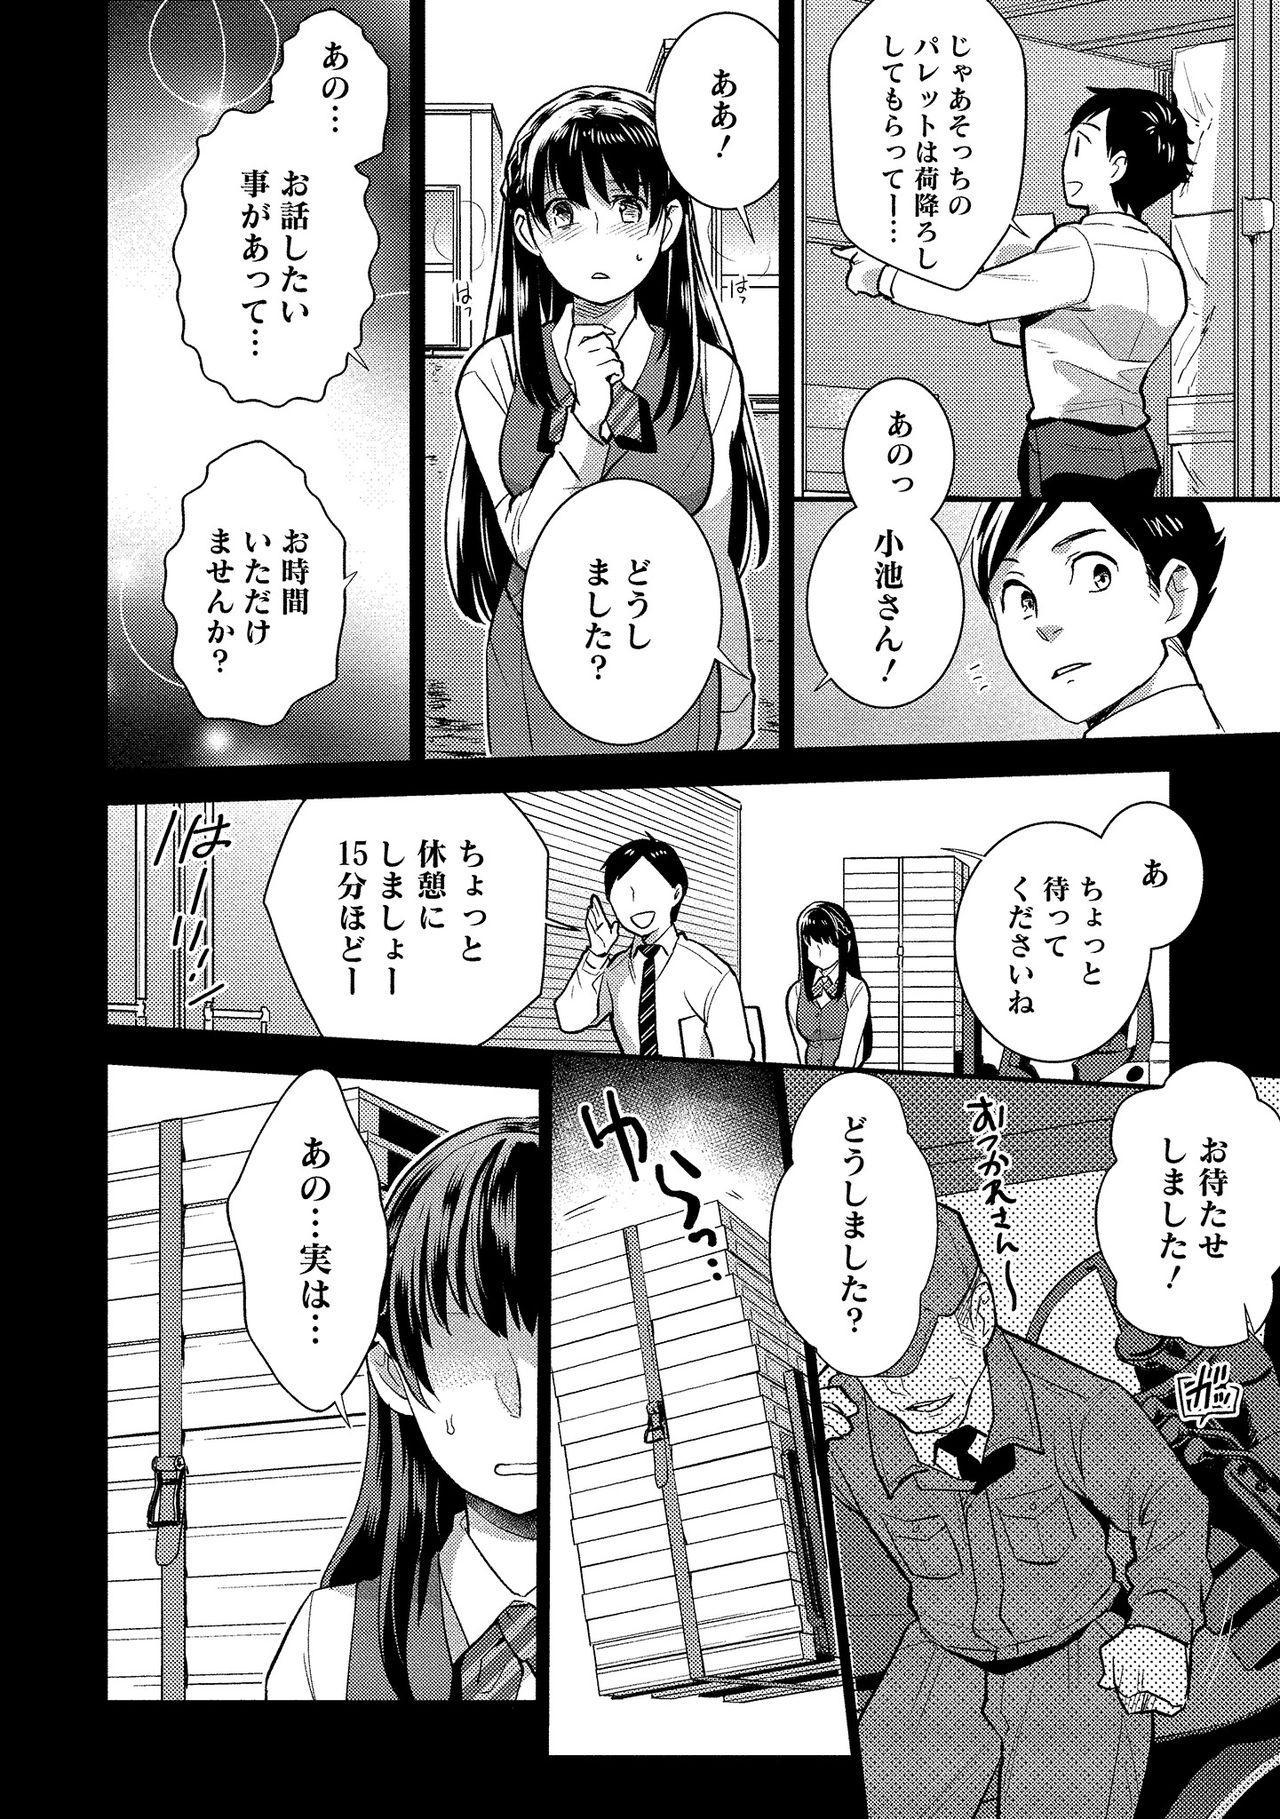 Dorobou Neko wa Kanojo no Hajimari 186